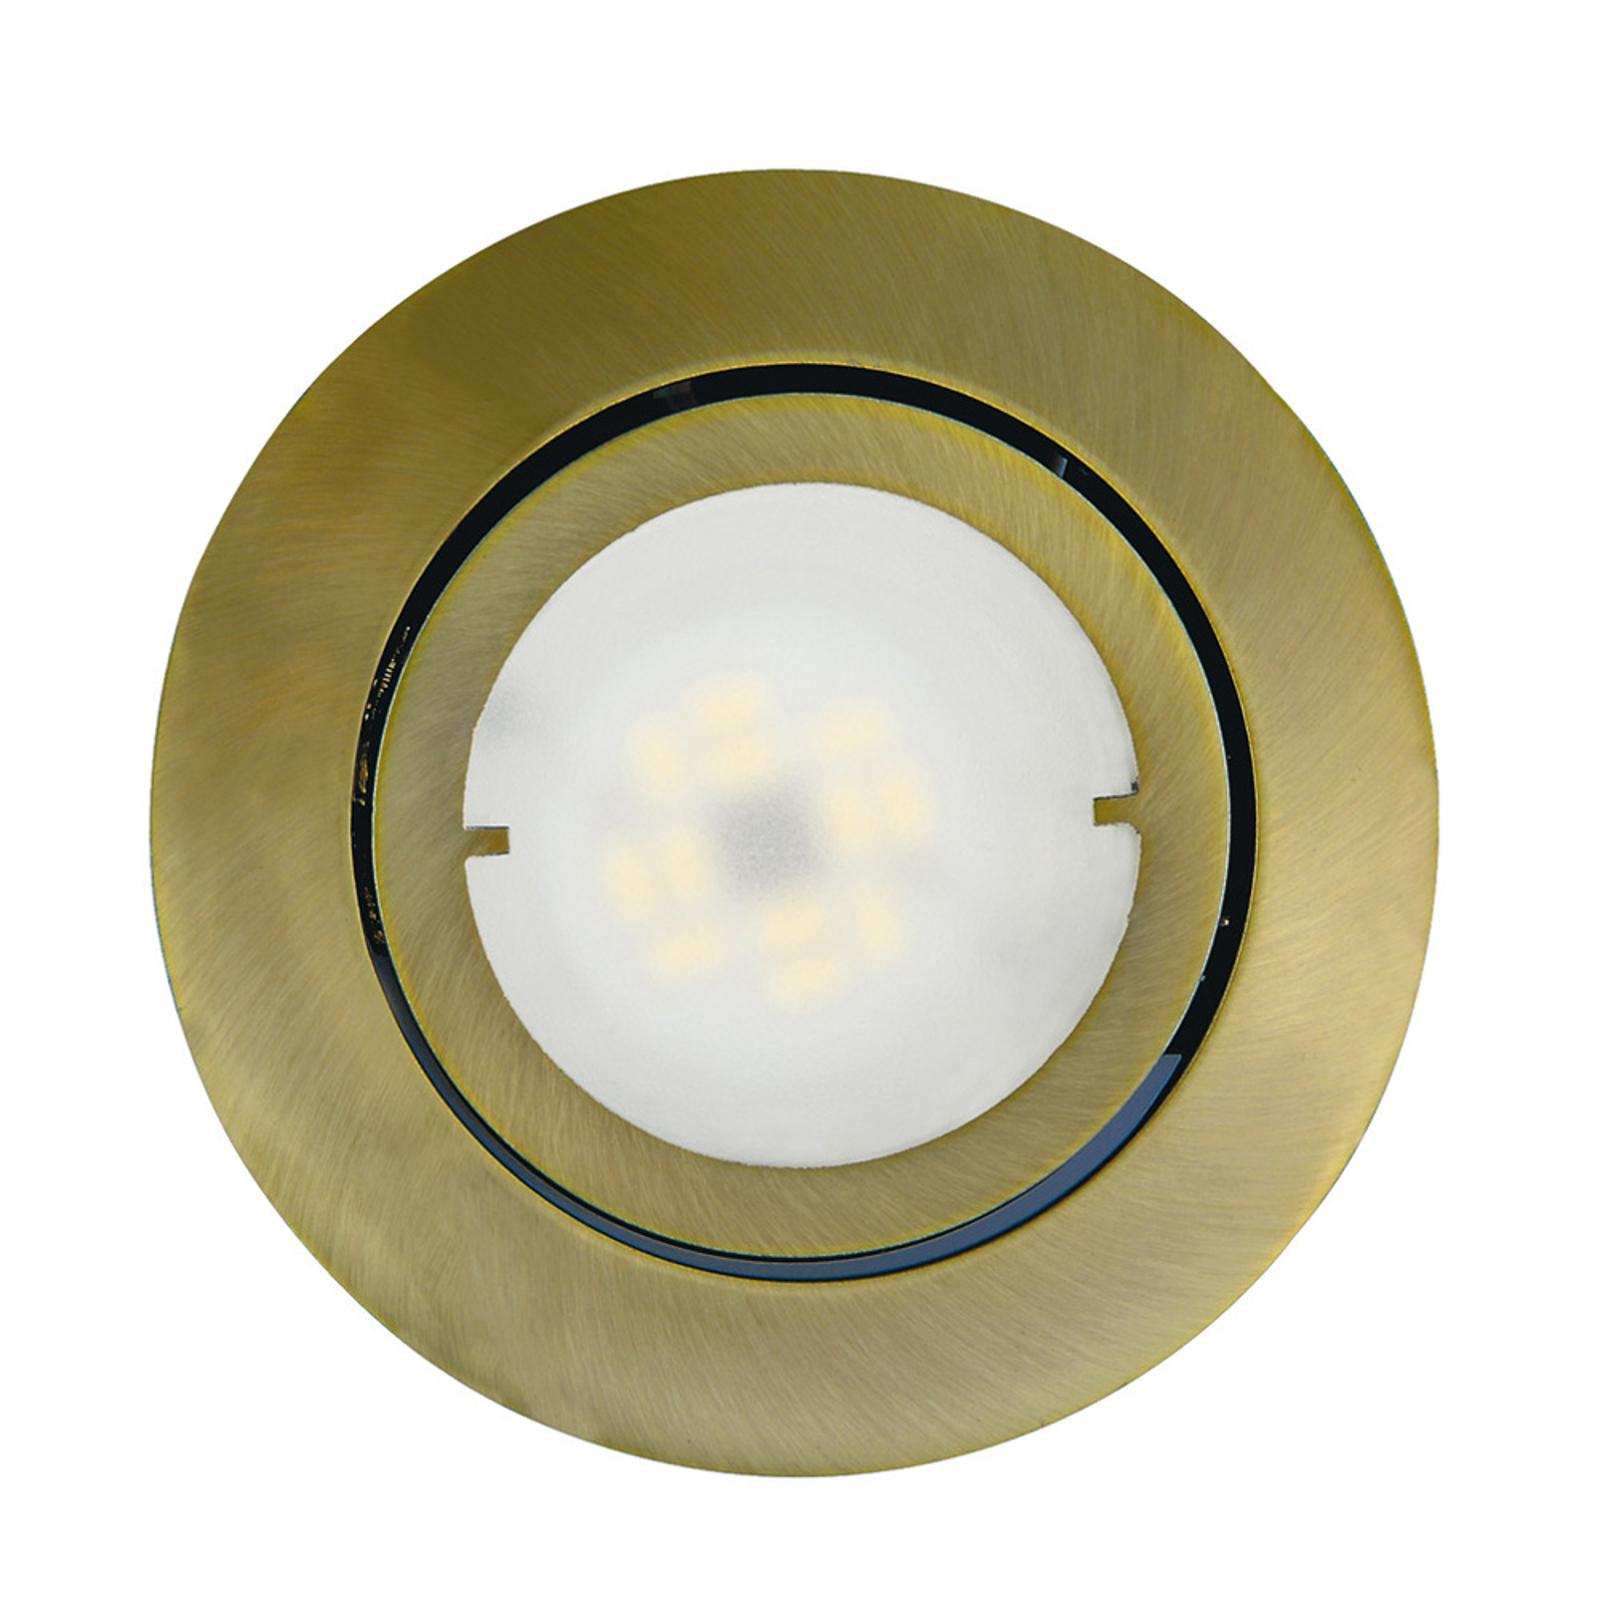 Otočné LED podhledové svítidlo Joanie, mosaz